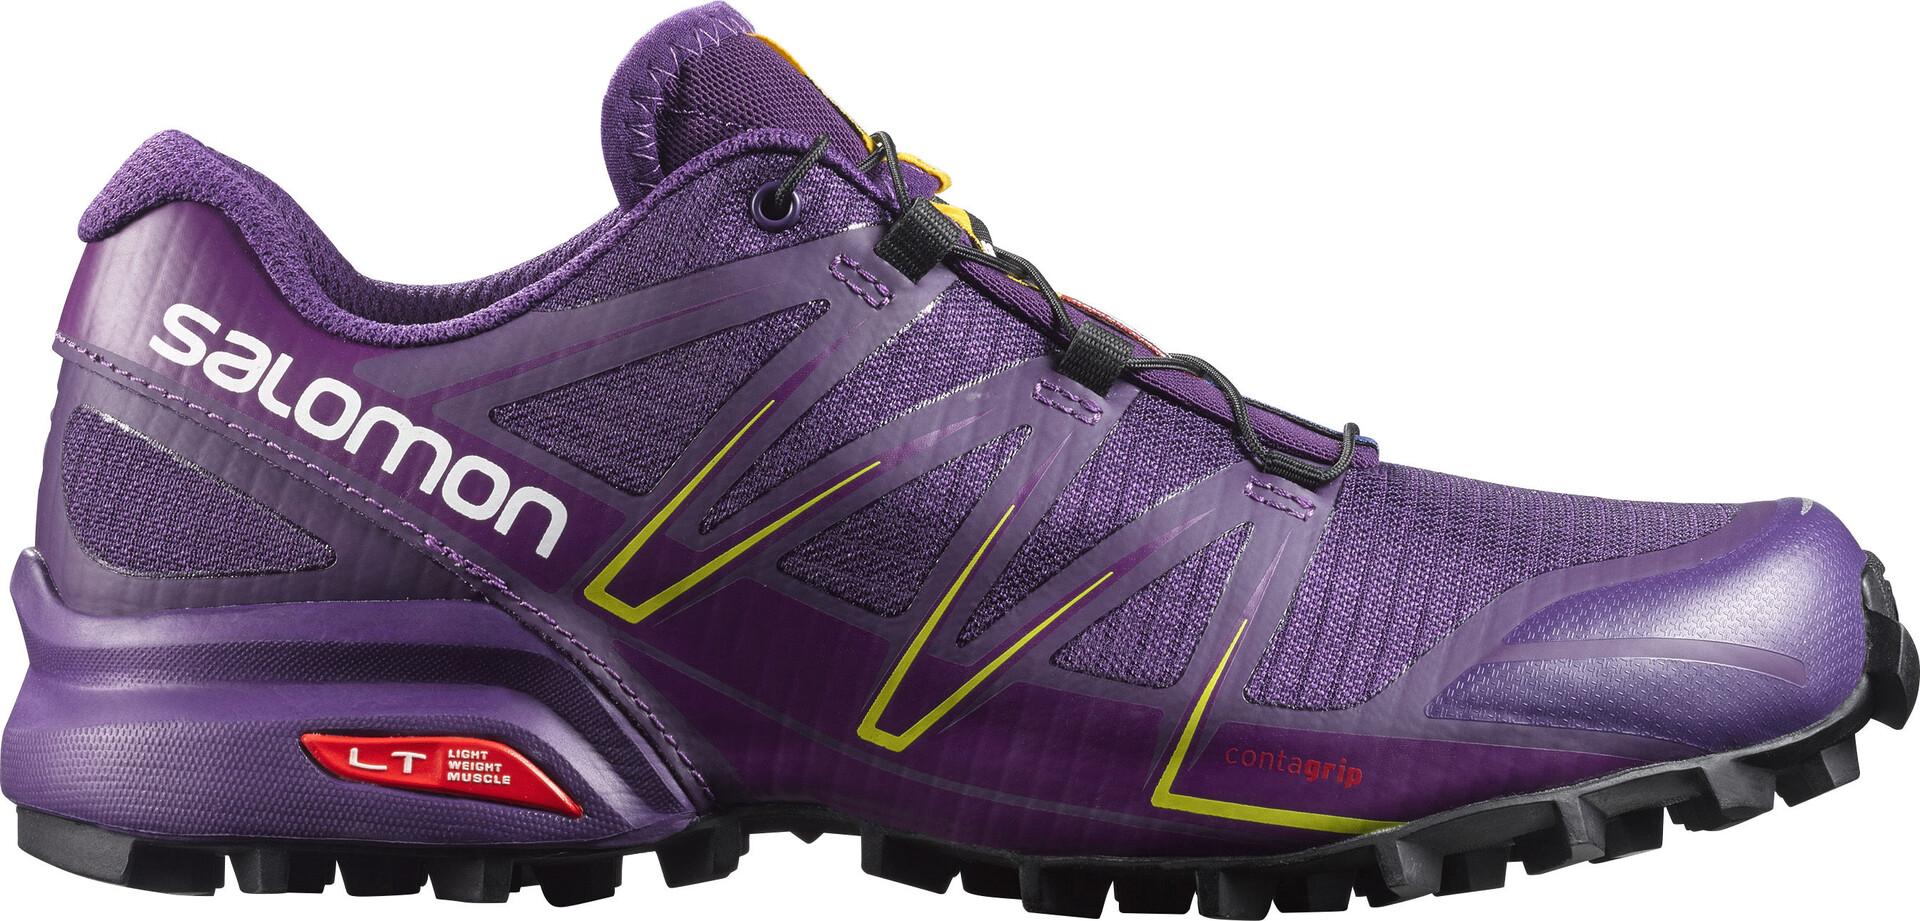 Violet Femme Chaussures Speedcross Running Pro Campz Sur Salomon 4nwqPX8xIw